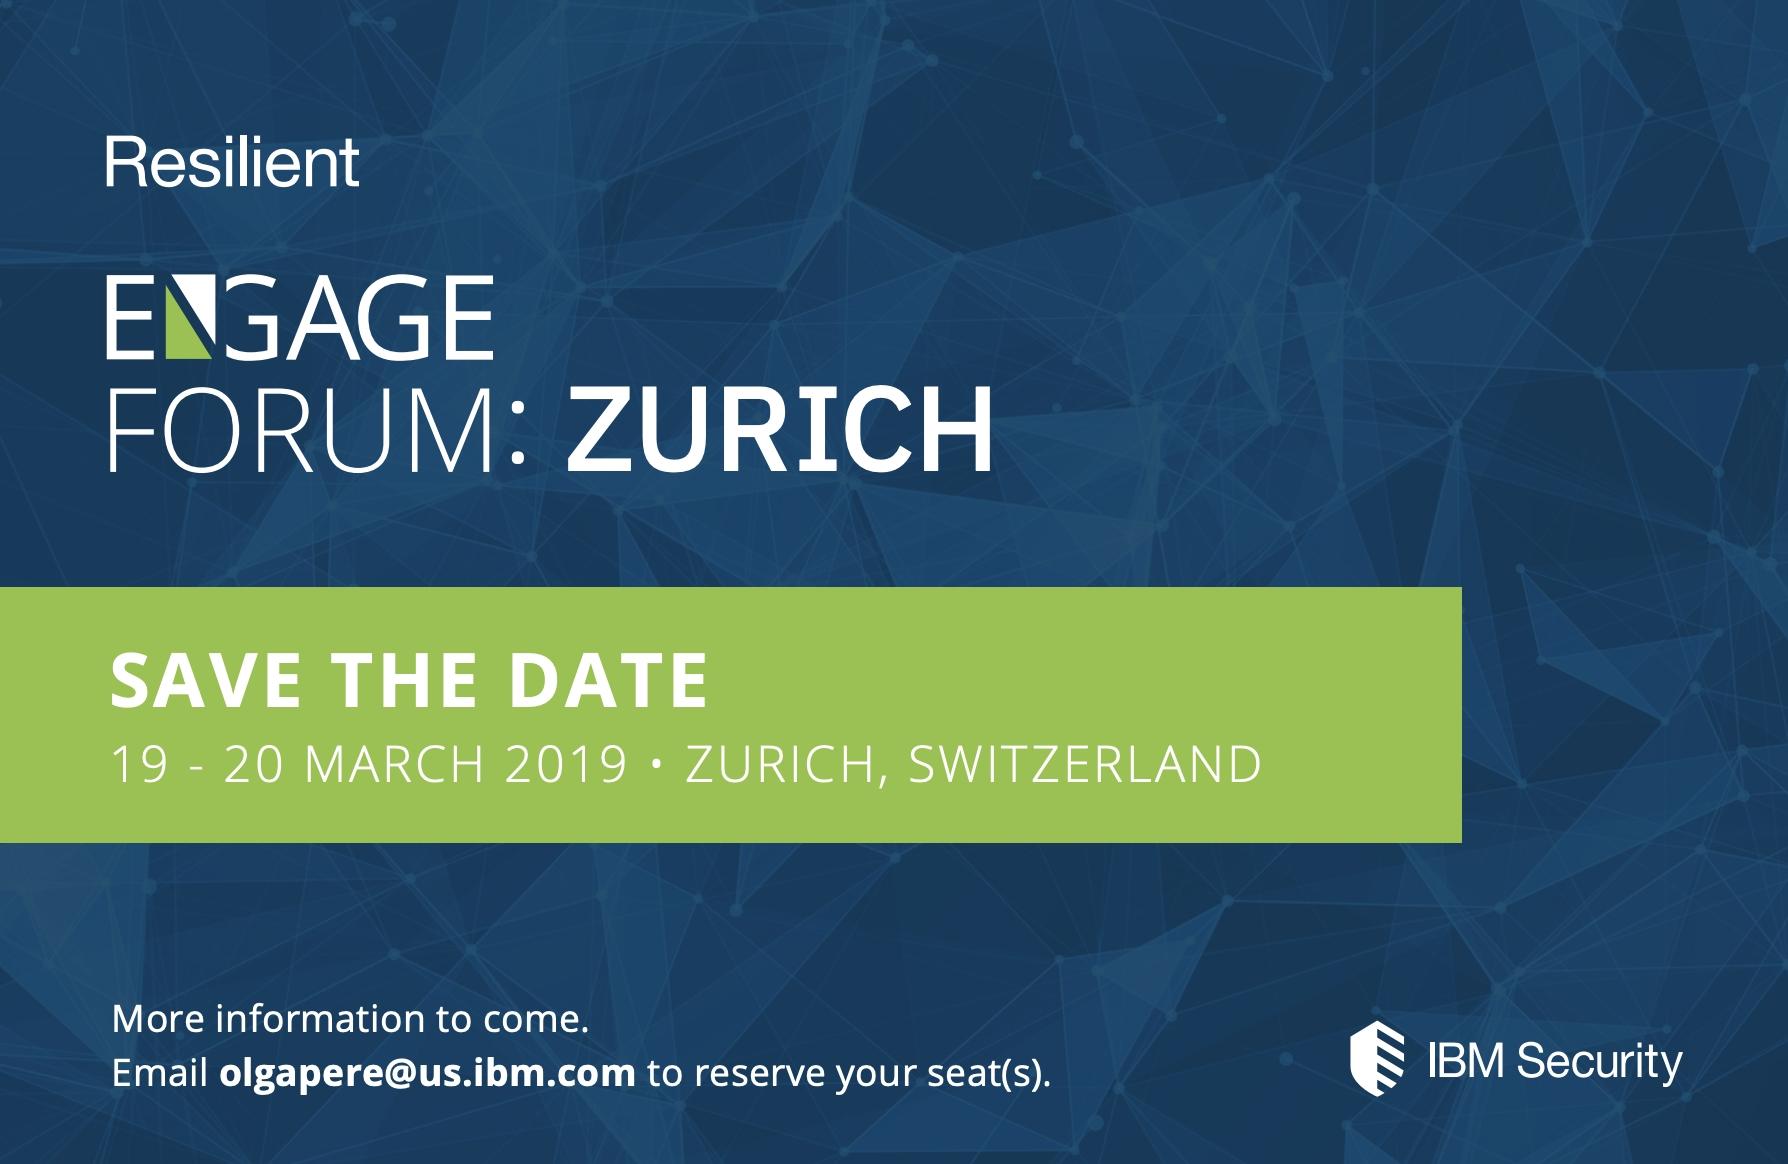 Engage Forum 2019: Zurich - Security Impressive How To Download Zurich Calendar